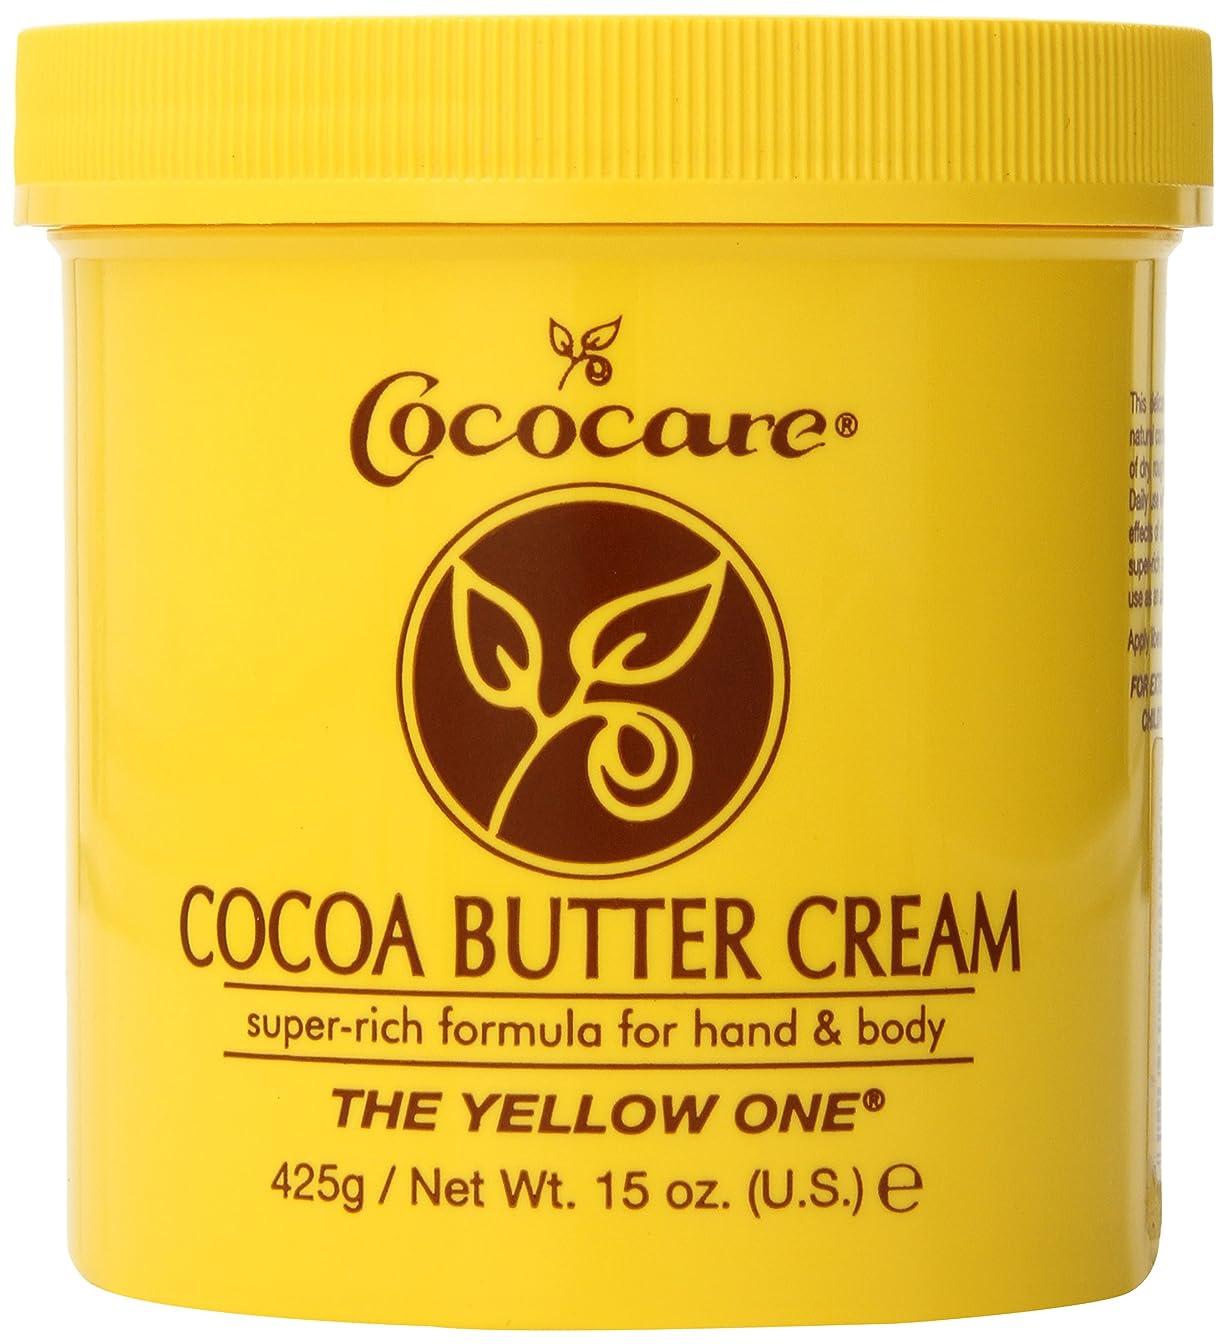 指紋経営者読むCococare, The Yellow One, Cocoa Butter Cream, 15 oz (425 g)